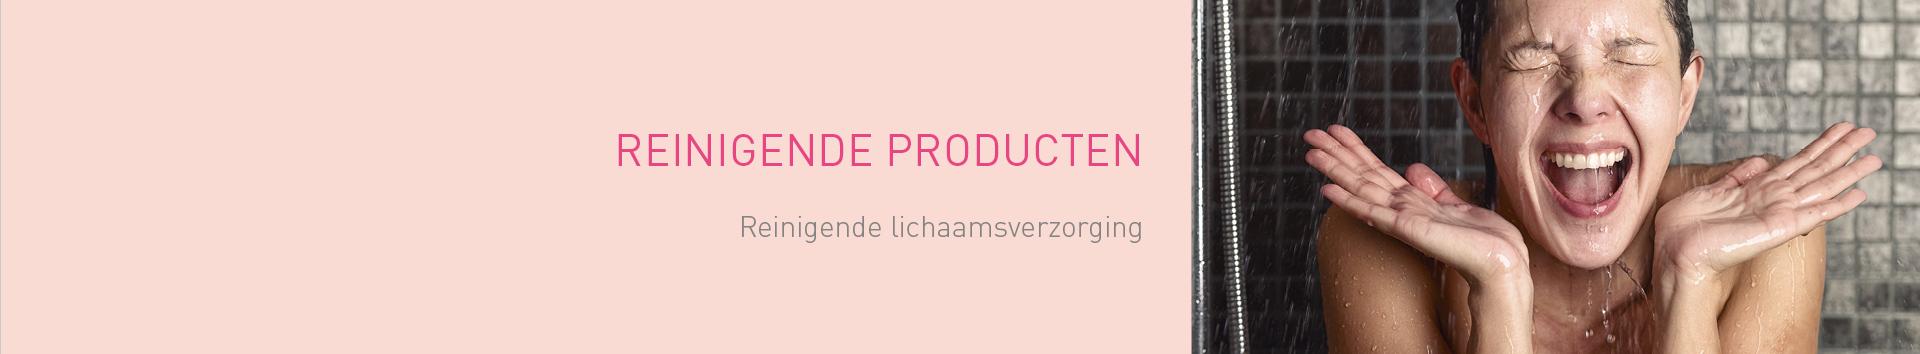 Reinigende producten